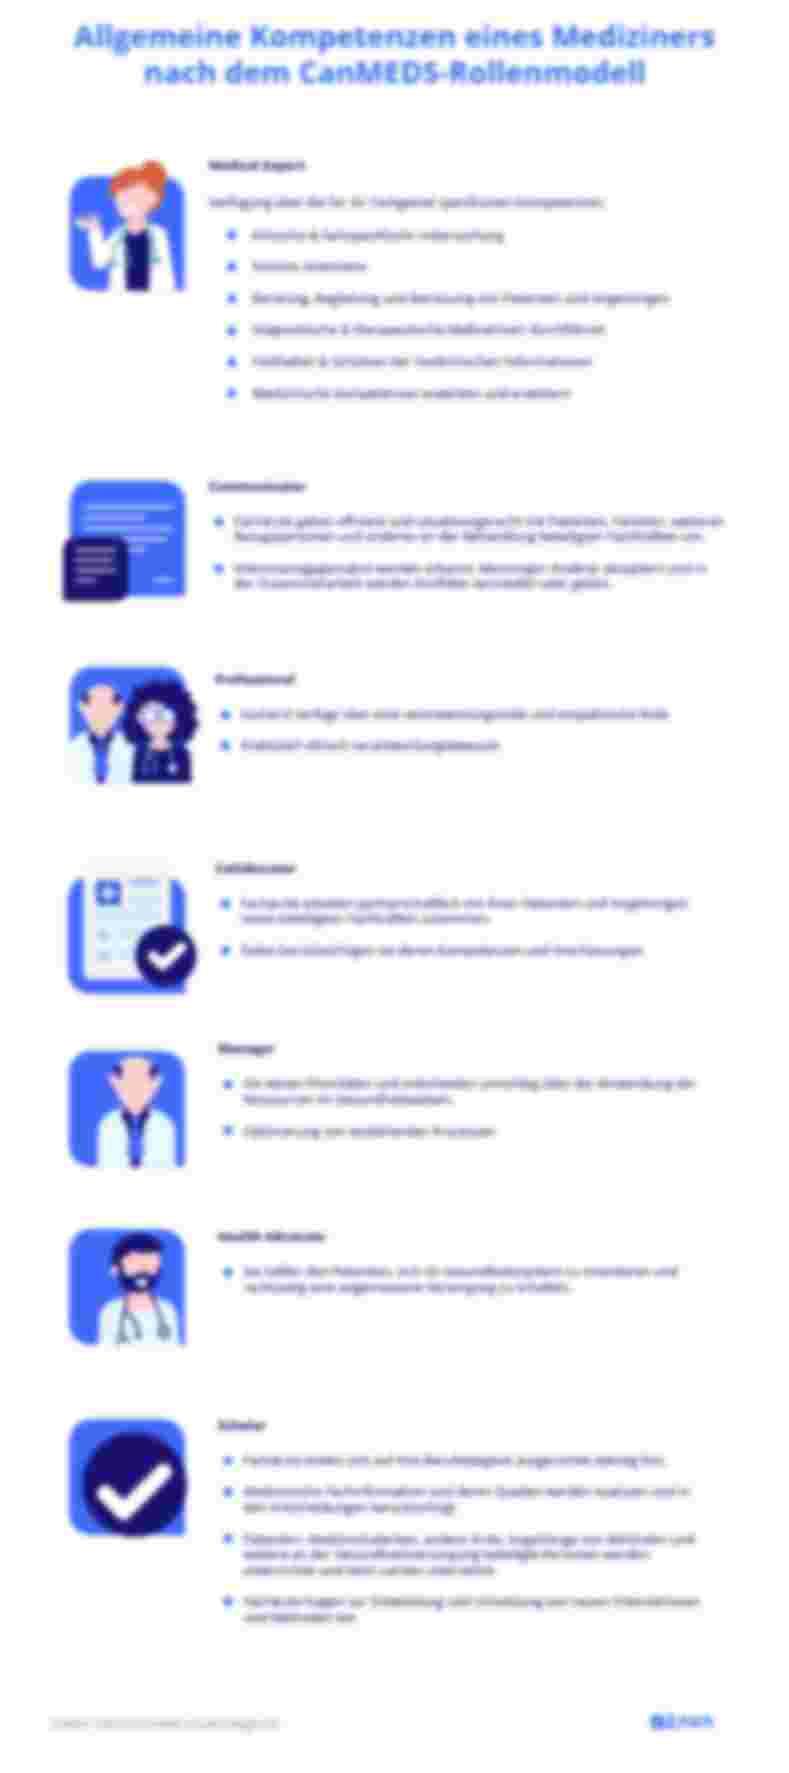 Allgemeine Kompetenzen eines Mediziners nach dem CanMEDS-Rollenmodel